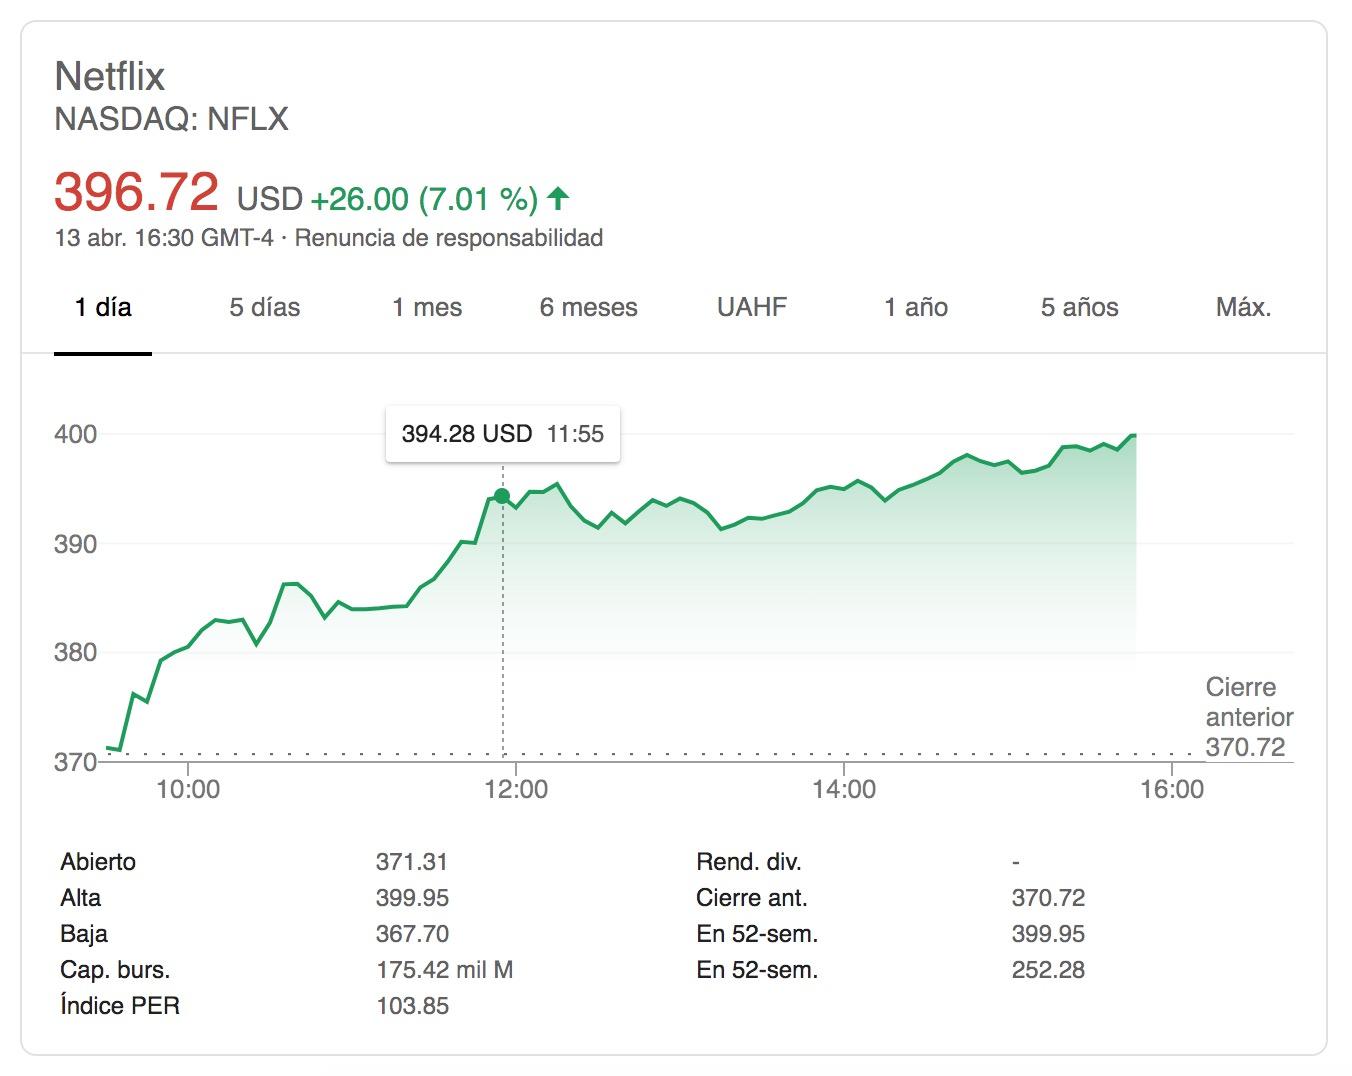 Netflix-Google Finance